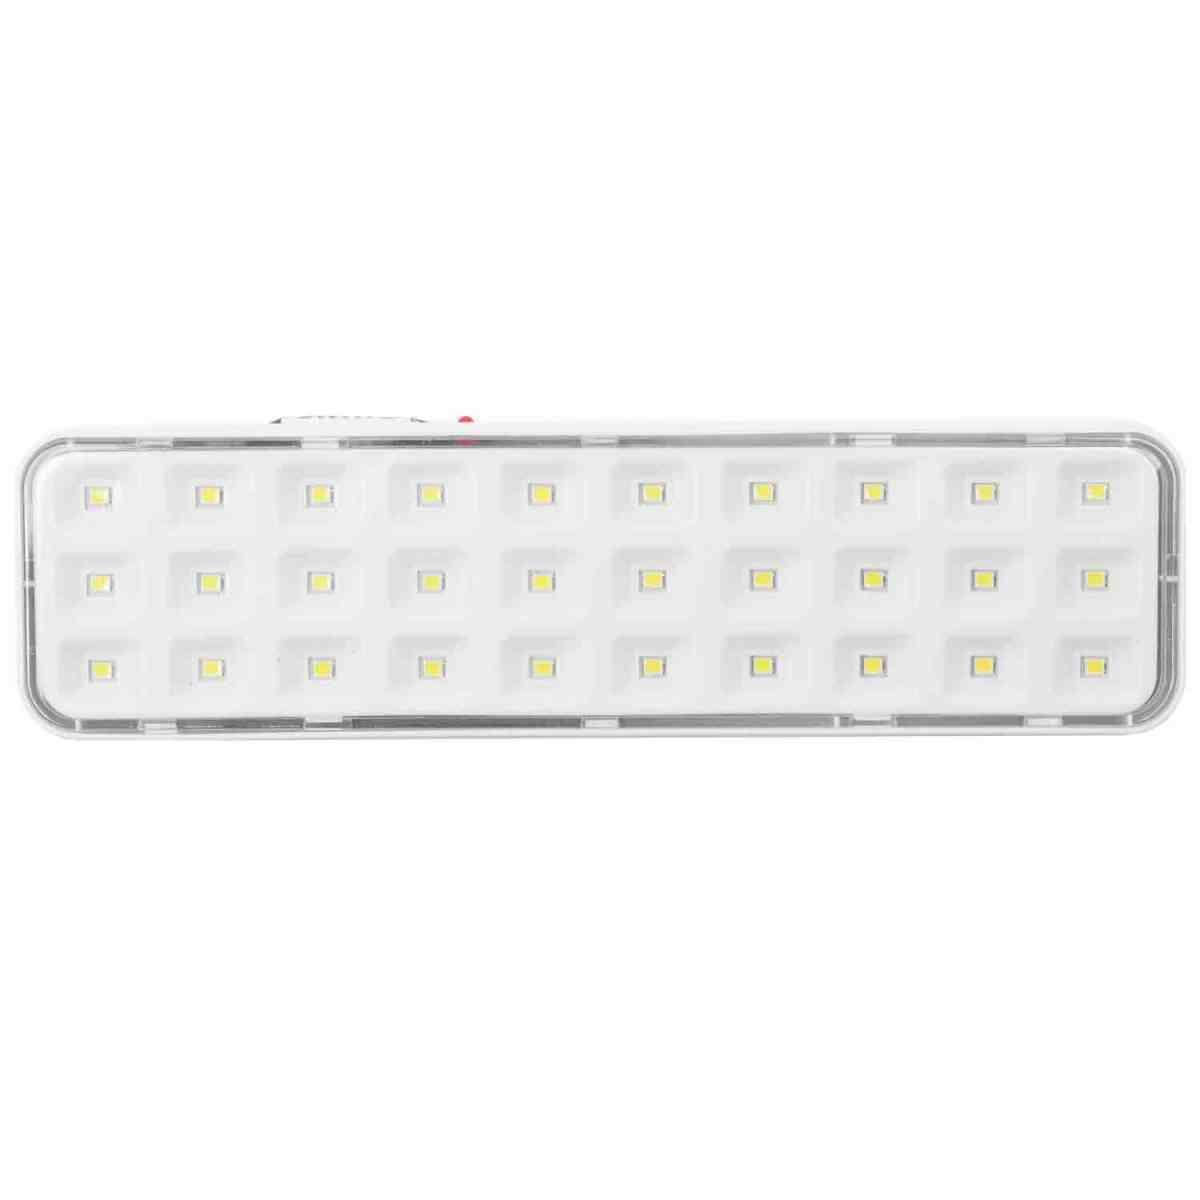 5 Luzes de Emergência 30 Leds A Bateria Segurimax - Bivolt